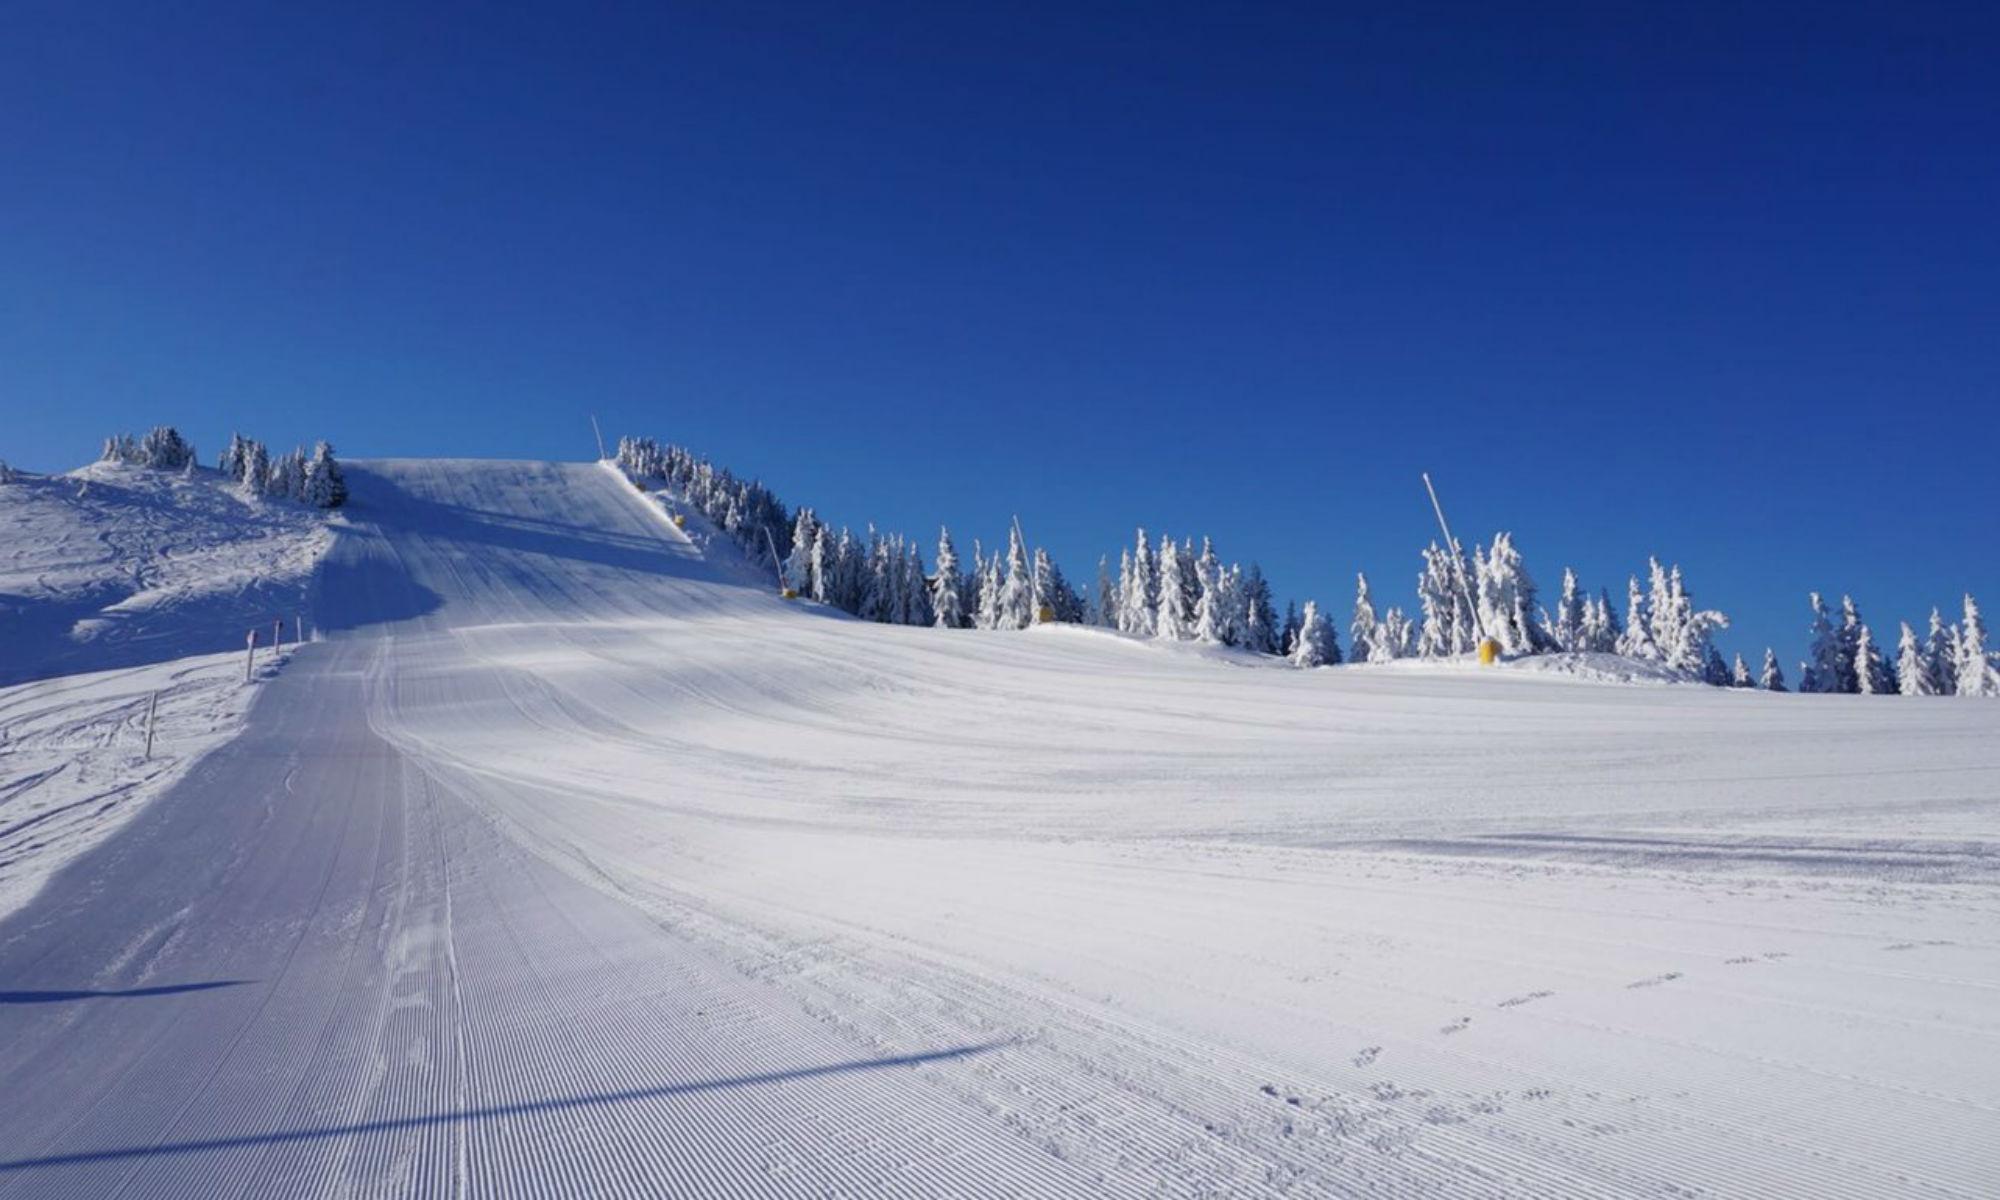 Nel comprensorio sciistico SkiJuwel Alpachtal Wildschönau ti aspettano piste perfettamente preparate.